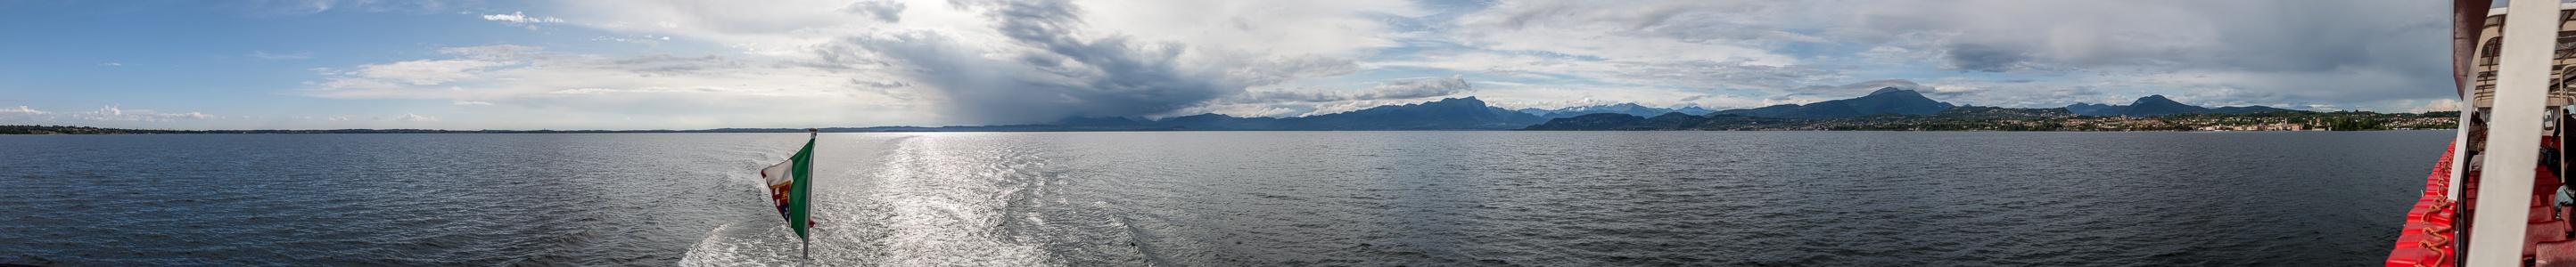 Gardasee Zwischen Sirmione und Bardolino